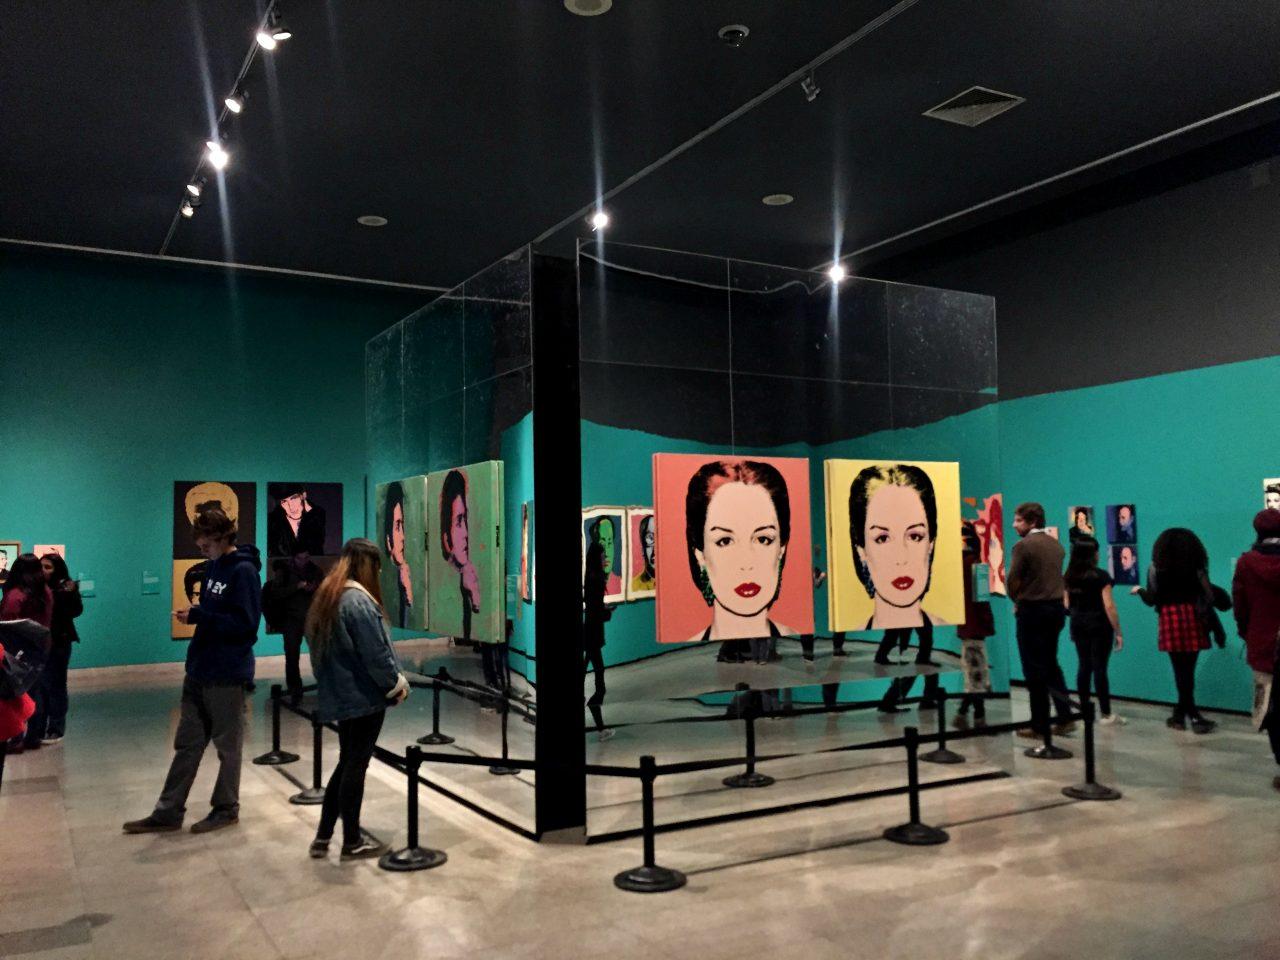 Conociendo a Andy Warhol